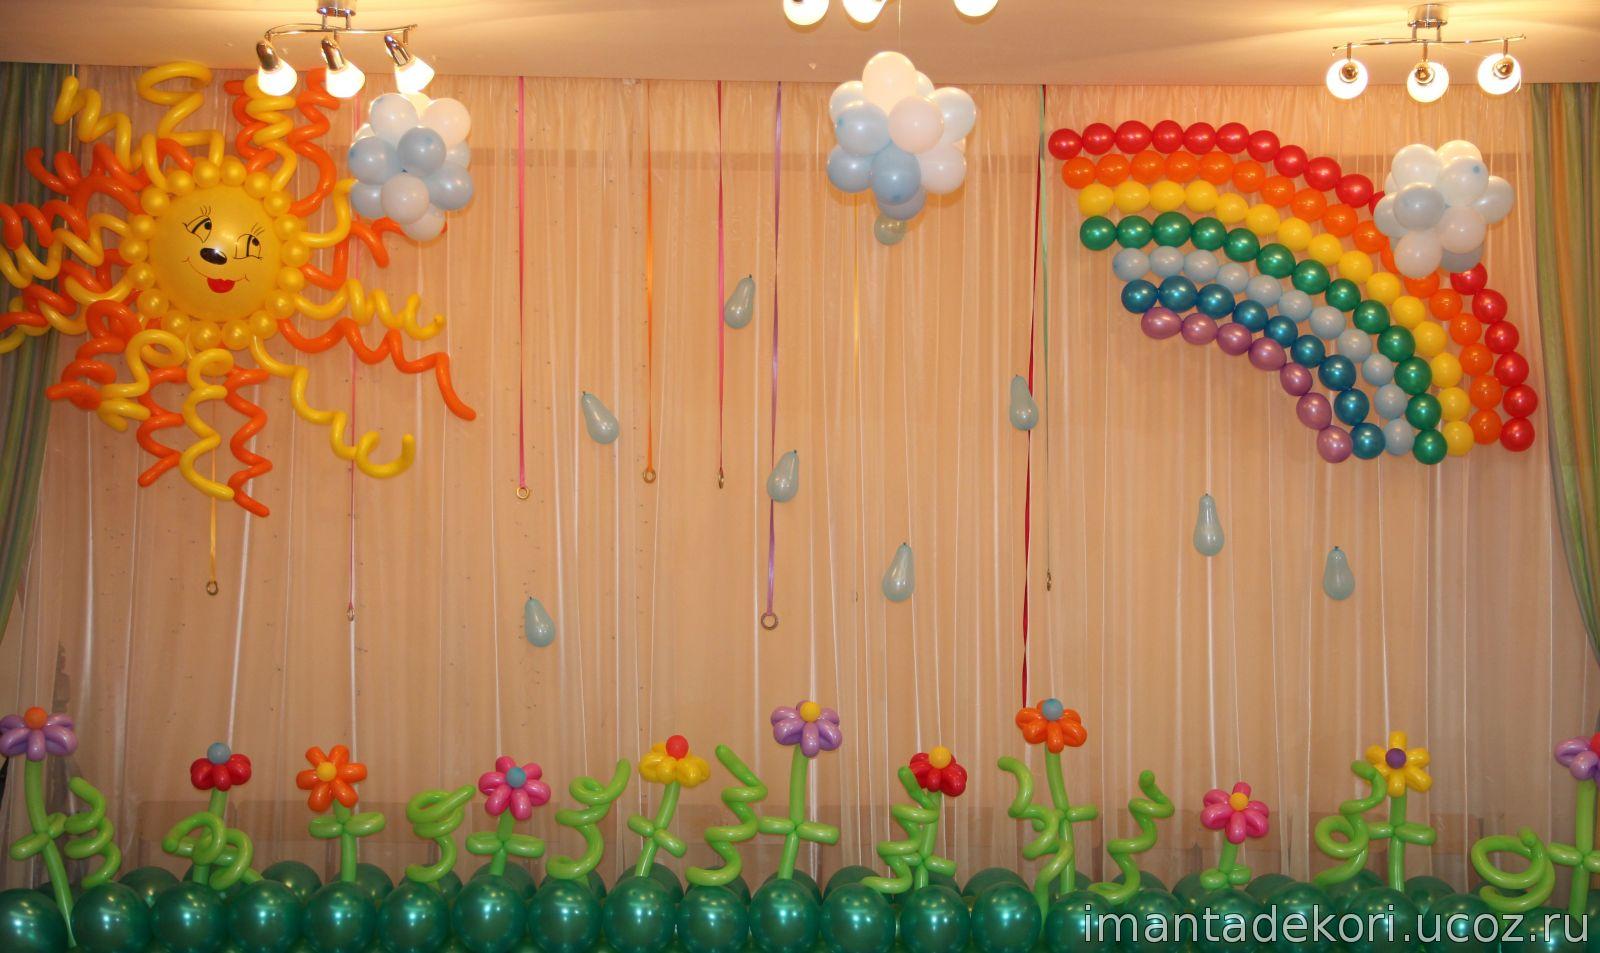 Как украсит зал для выпускного в детском саду своими руками